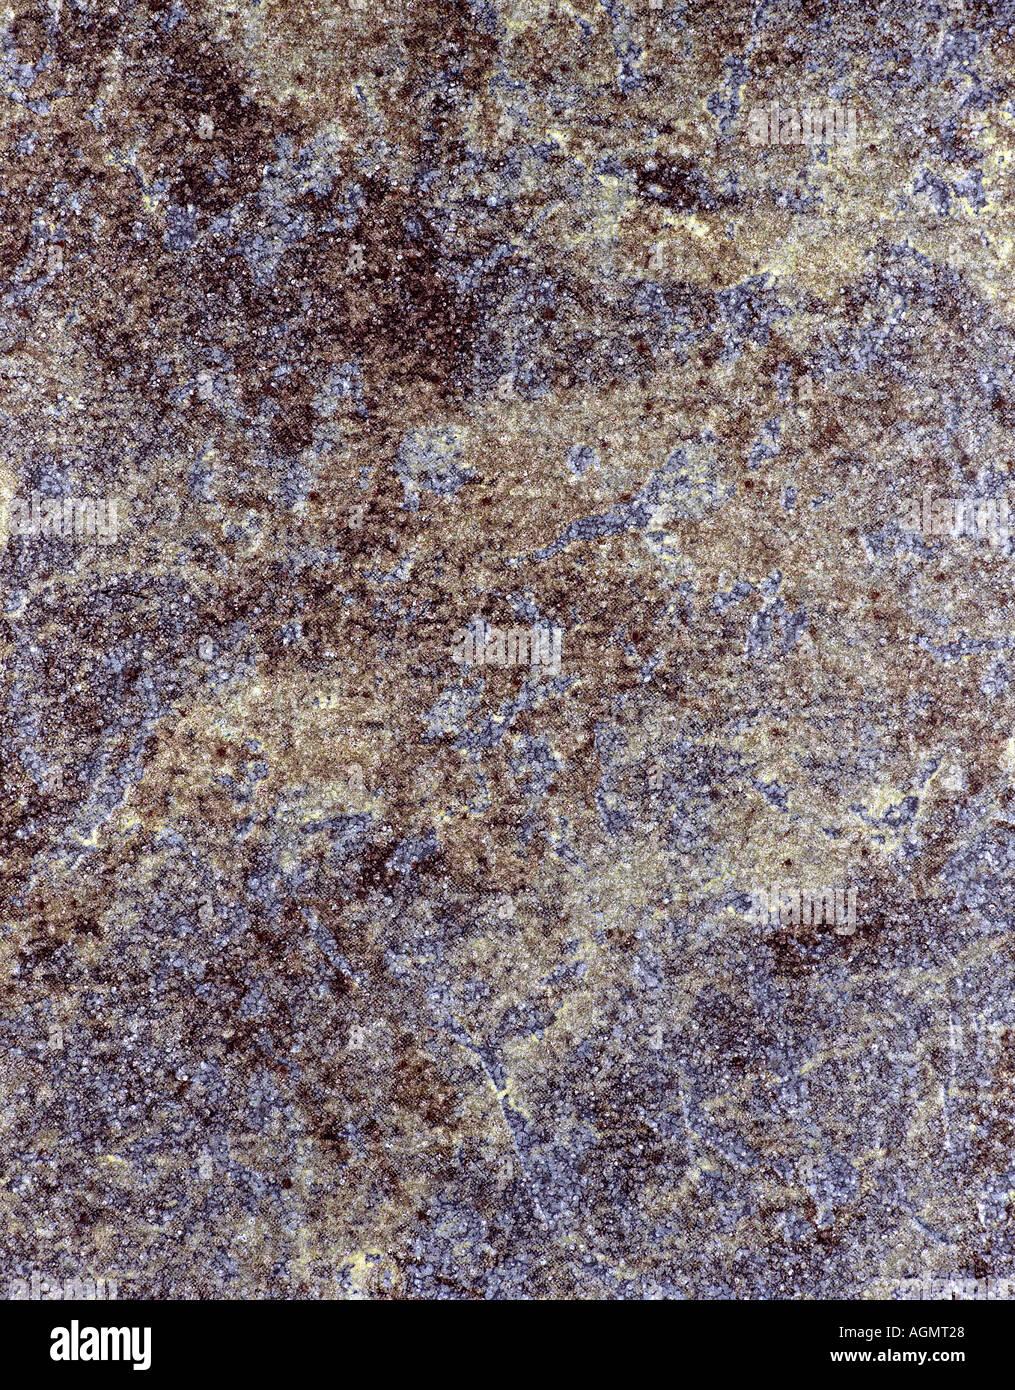 Hintergrund Textur Abstrakte Marmor Italienische Französische Spanische  Arbeitsplatte Boden Design Fliesen Bad Waschbecken Küche Schwarzer Farbe  Artisti